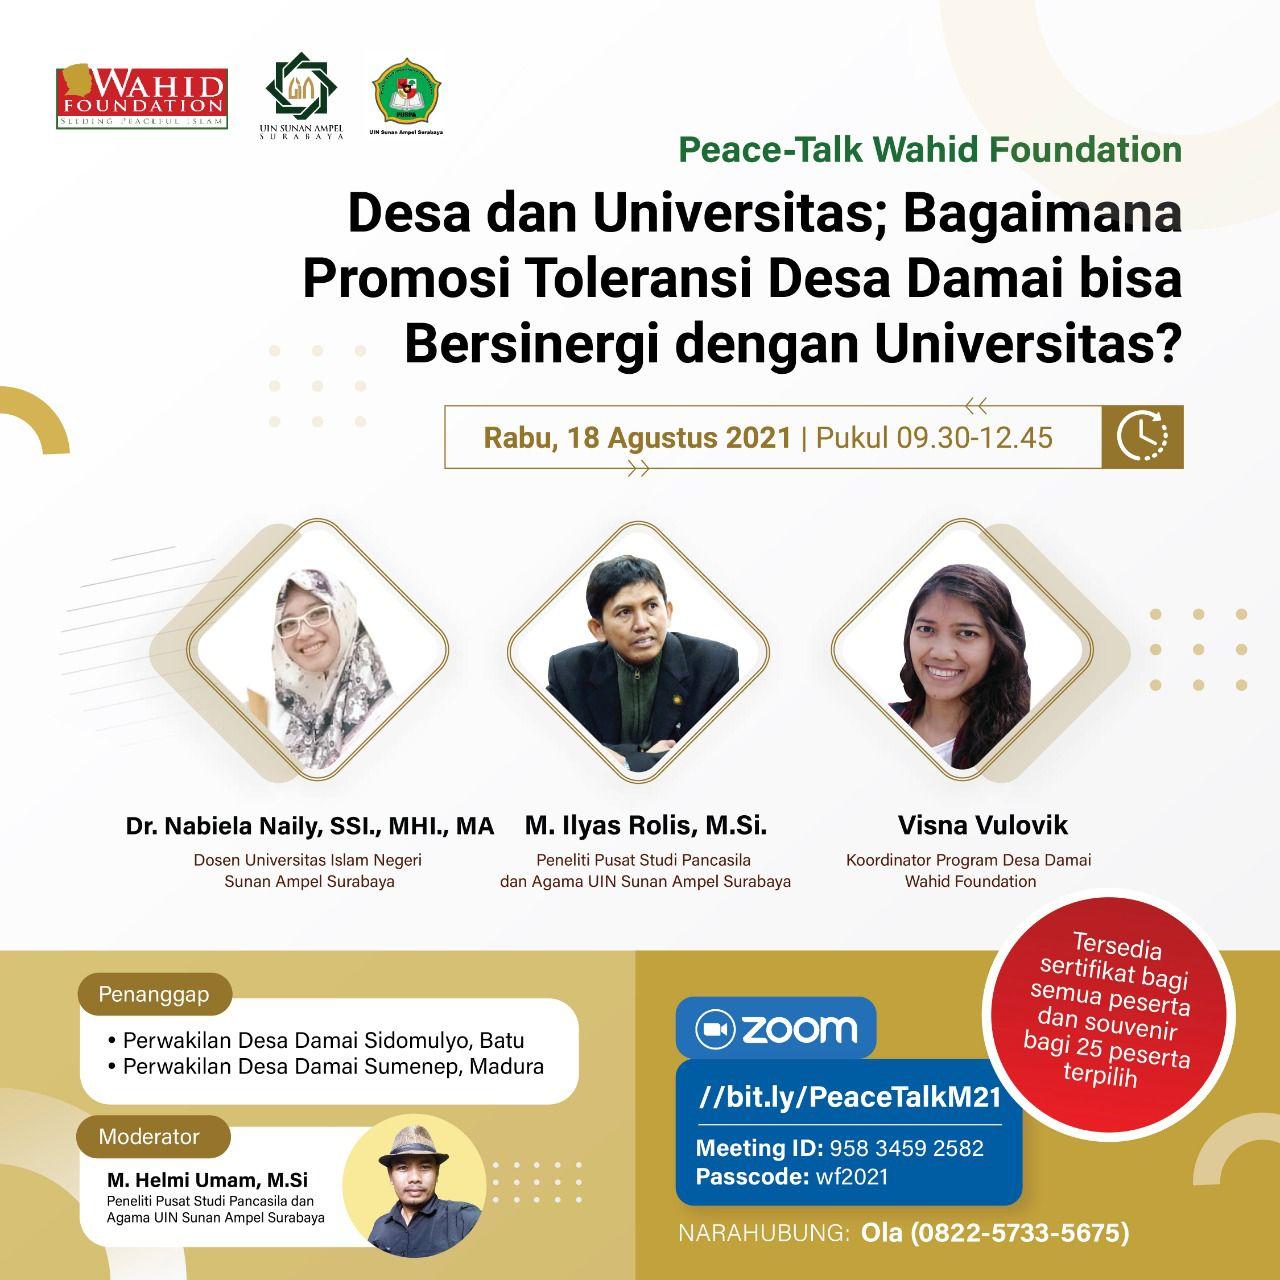 wahid foundation gerakan perdamaian